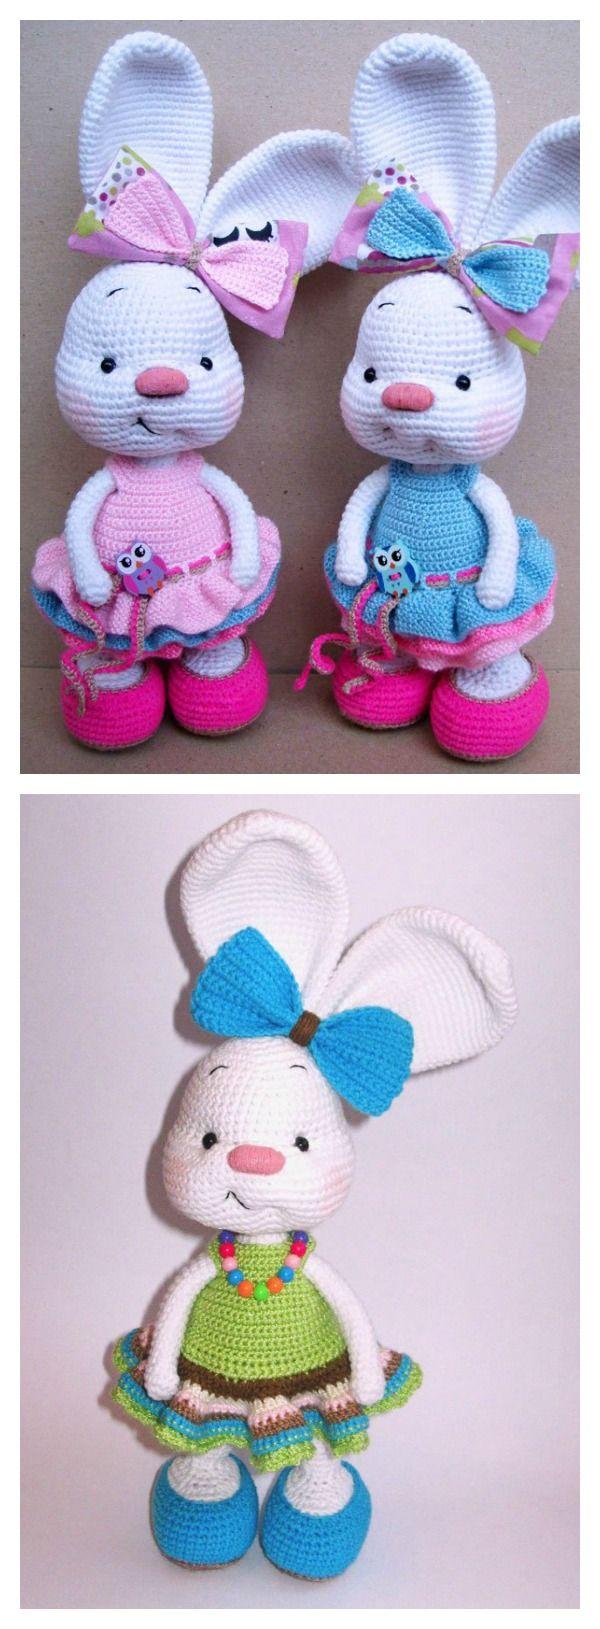 Free Amigurumi Bunny Crochet Patterns | Patrones amigurumi, Tejido y ...